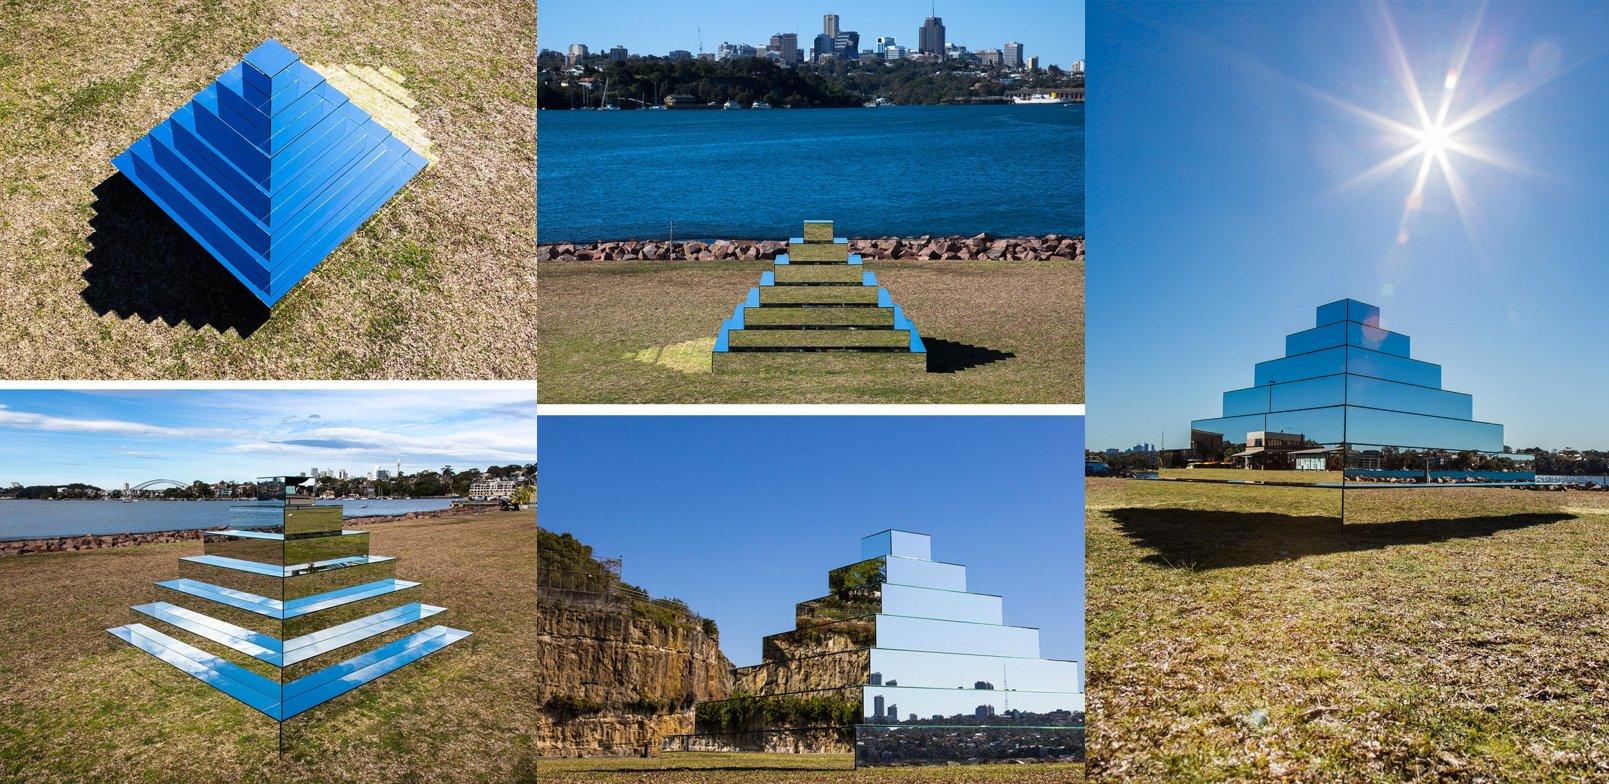 La Ziggurat miroir à Sydney vue sous différents angles